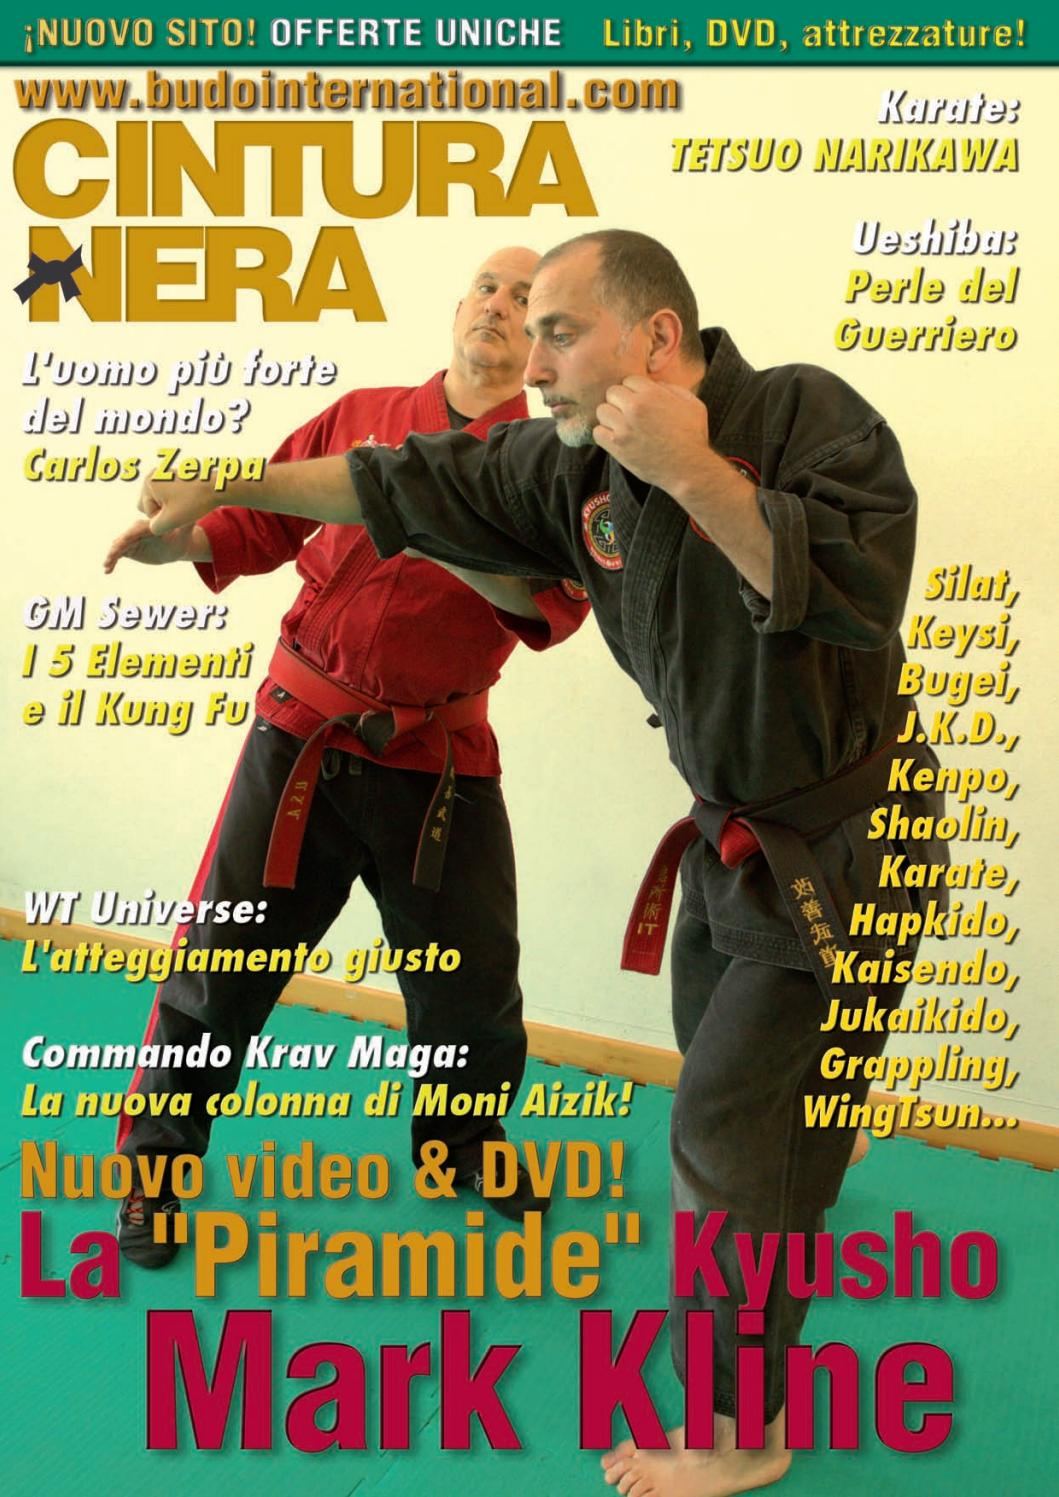 MMA TKD Borsa Evolution nero di Kwon palestra arti marziali 70*35*35 cm